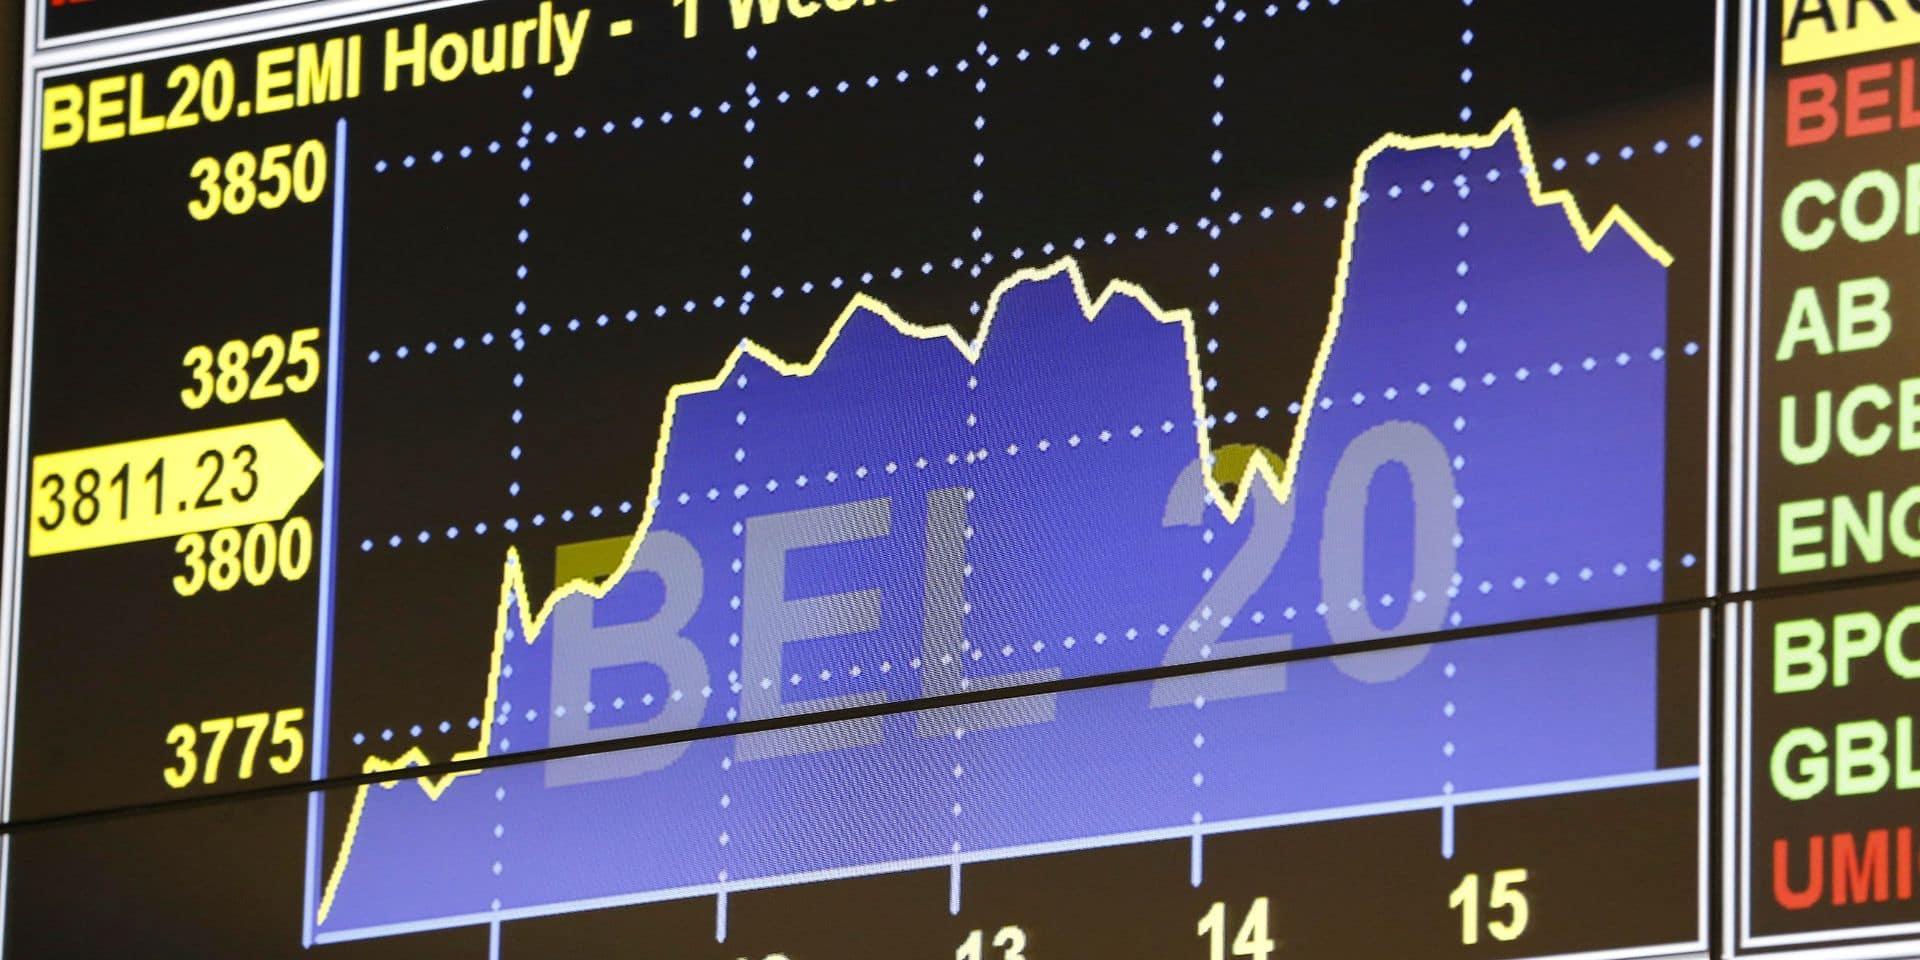 Le BEL 20 termine la journée dans le rouge, à contre-courant des autres Bourses européennes